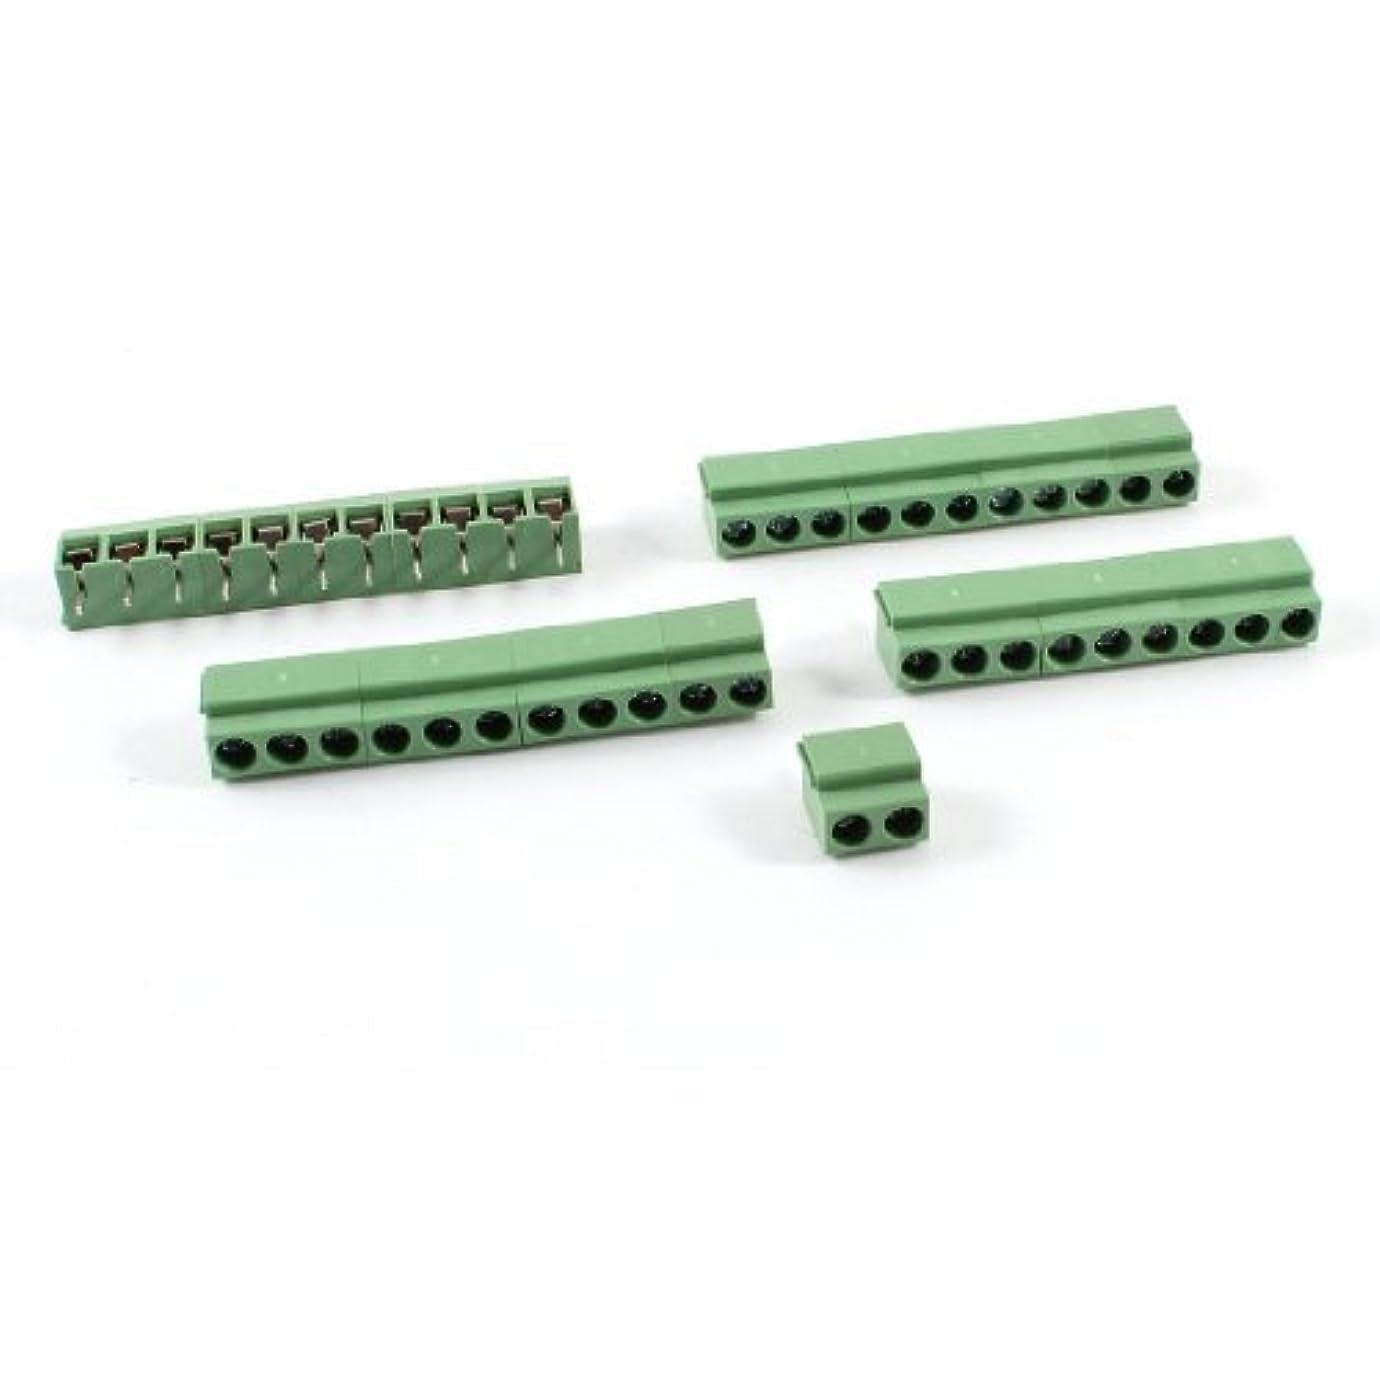 十二欠陥過半数4本11ポール5mmピッチ基板実装型スクリューターミナルブロック8A 250V